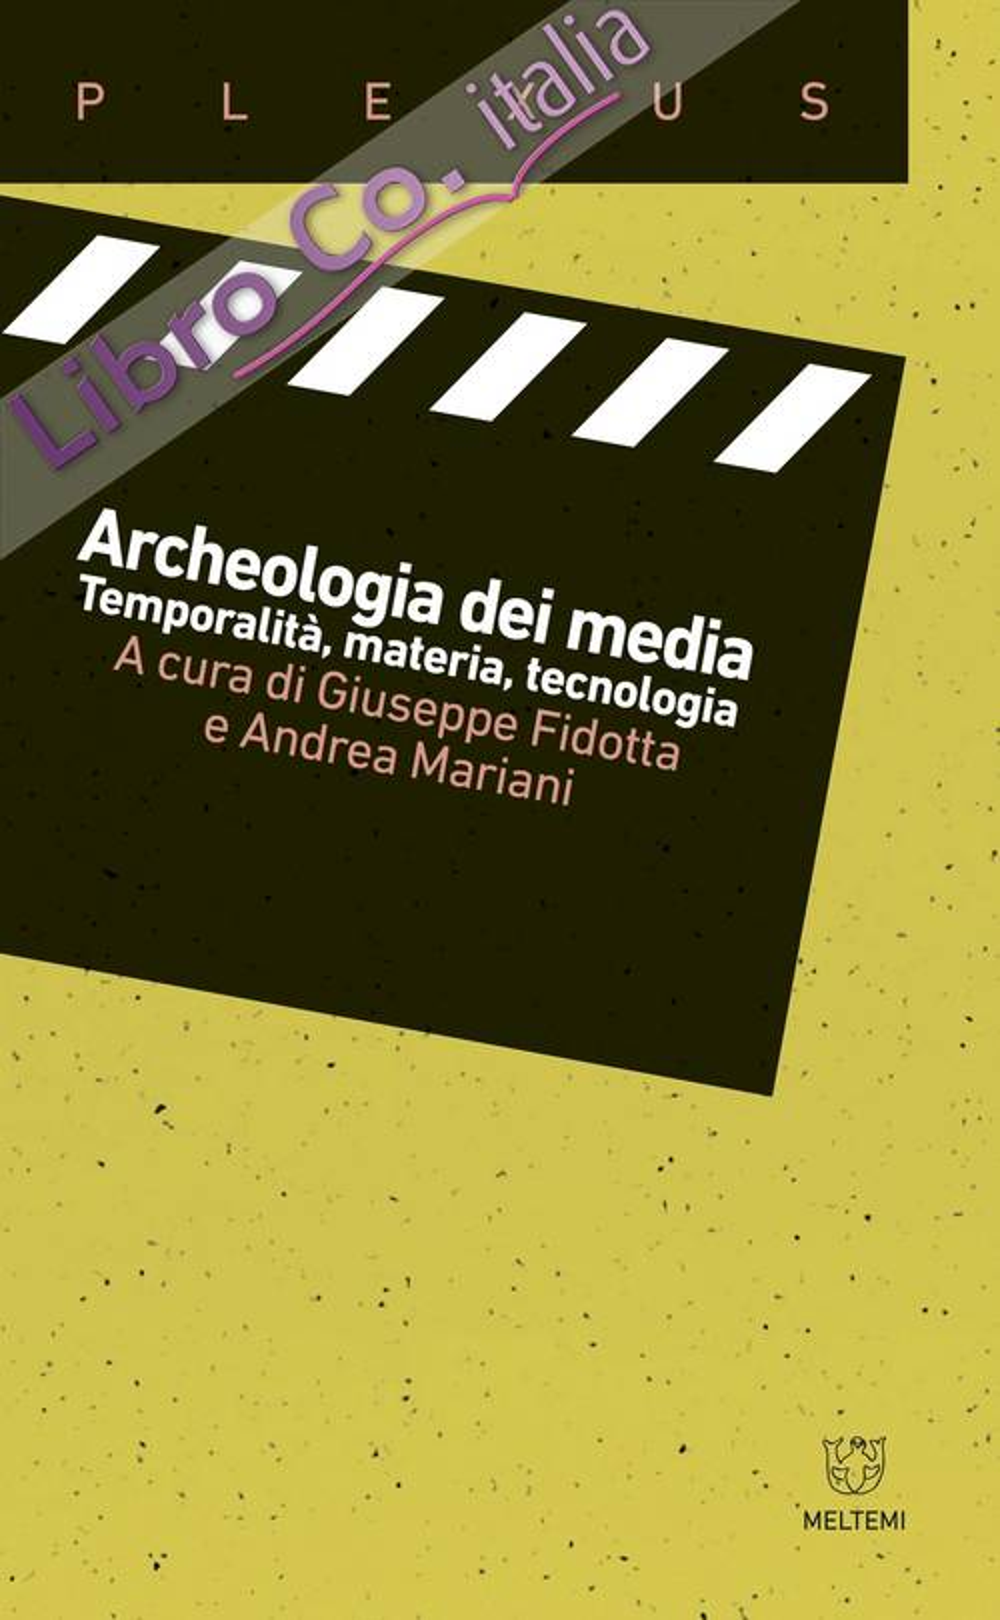 Archeologia dei media. Temporalità, materia, tecnologia